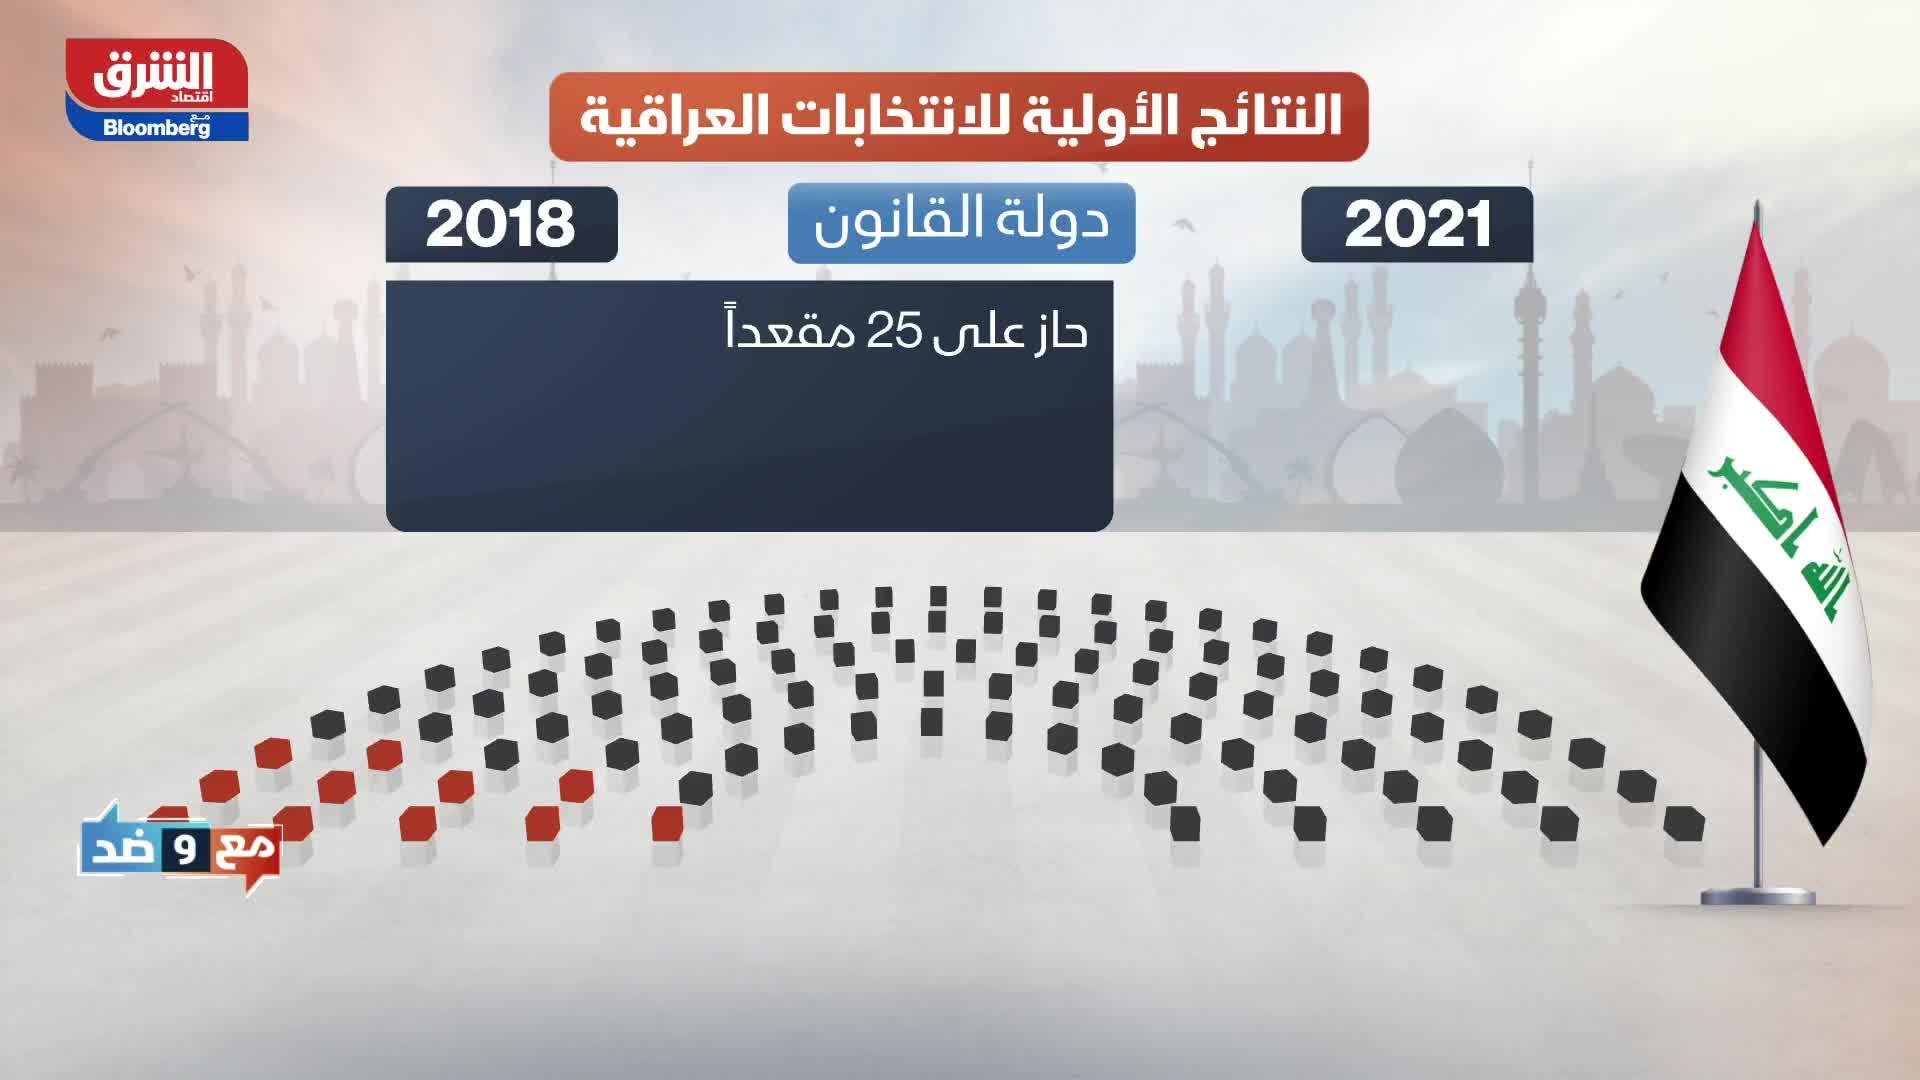 النتائج الأولية للانتخابات العراقية